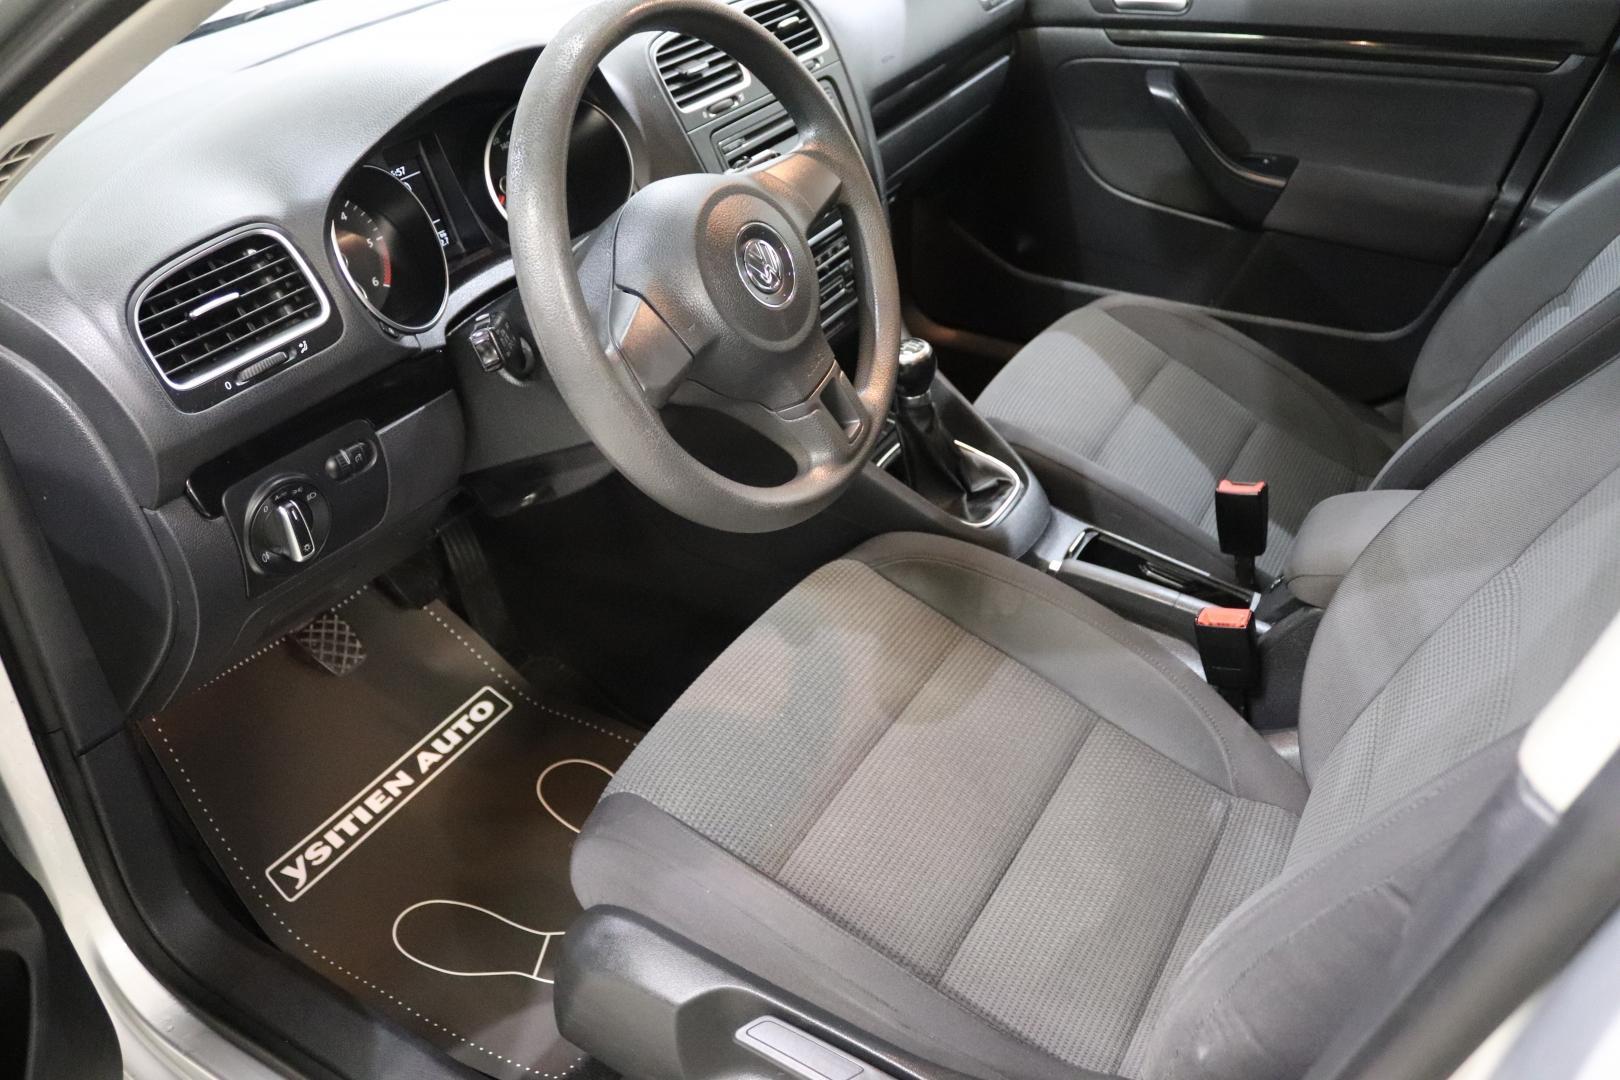 Volkswagen Golf, Variant Comfortline 1,6 TDI 77kw 4motion